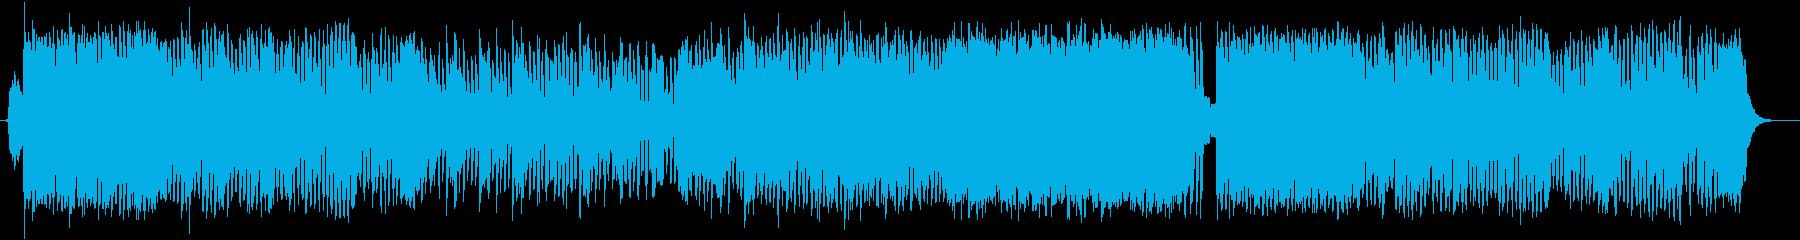 疾走感のある感動的なストリングスポップスの再生済みの波形